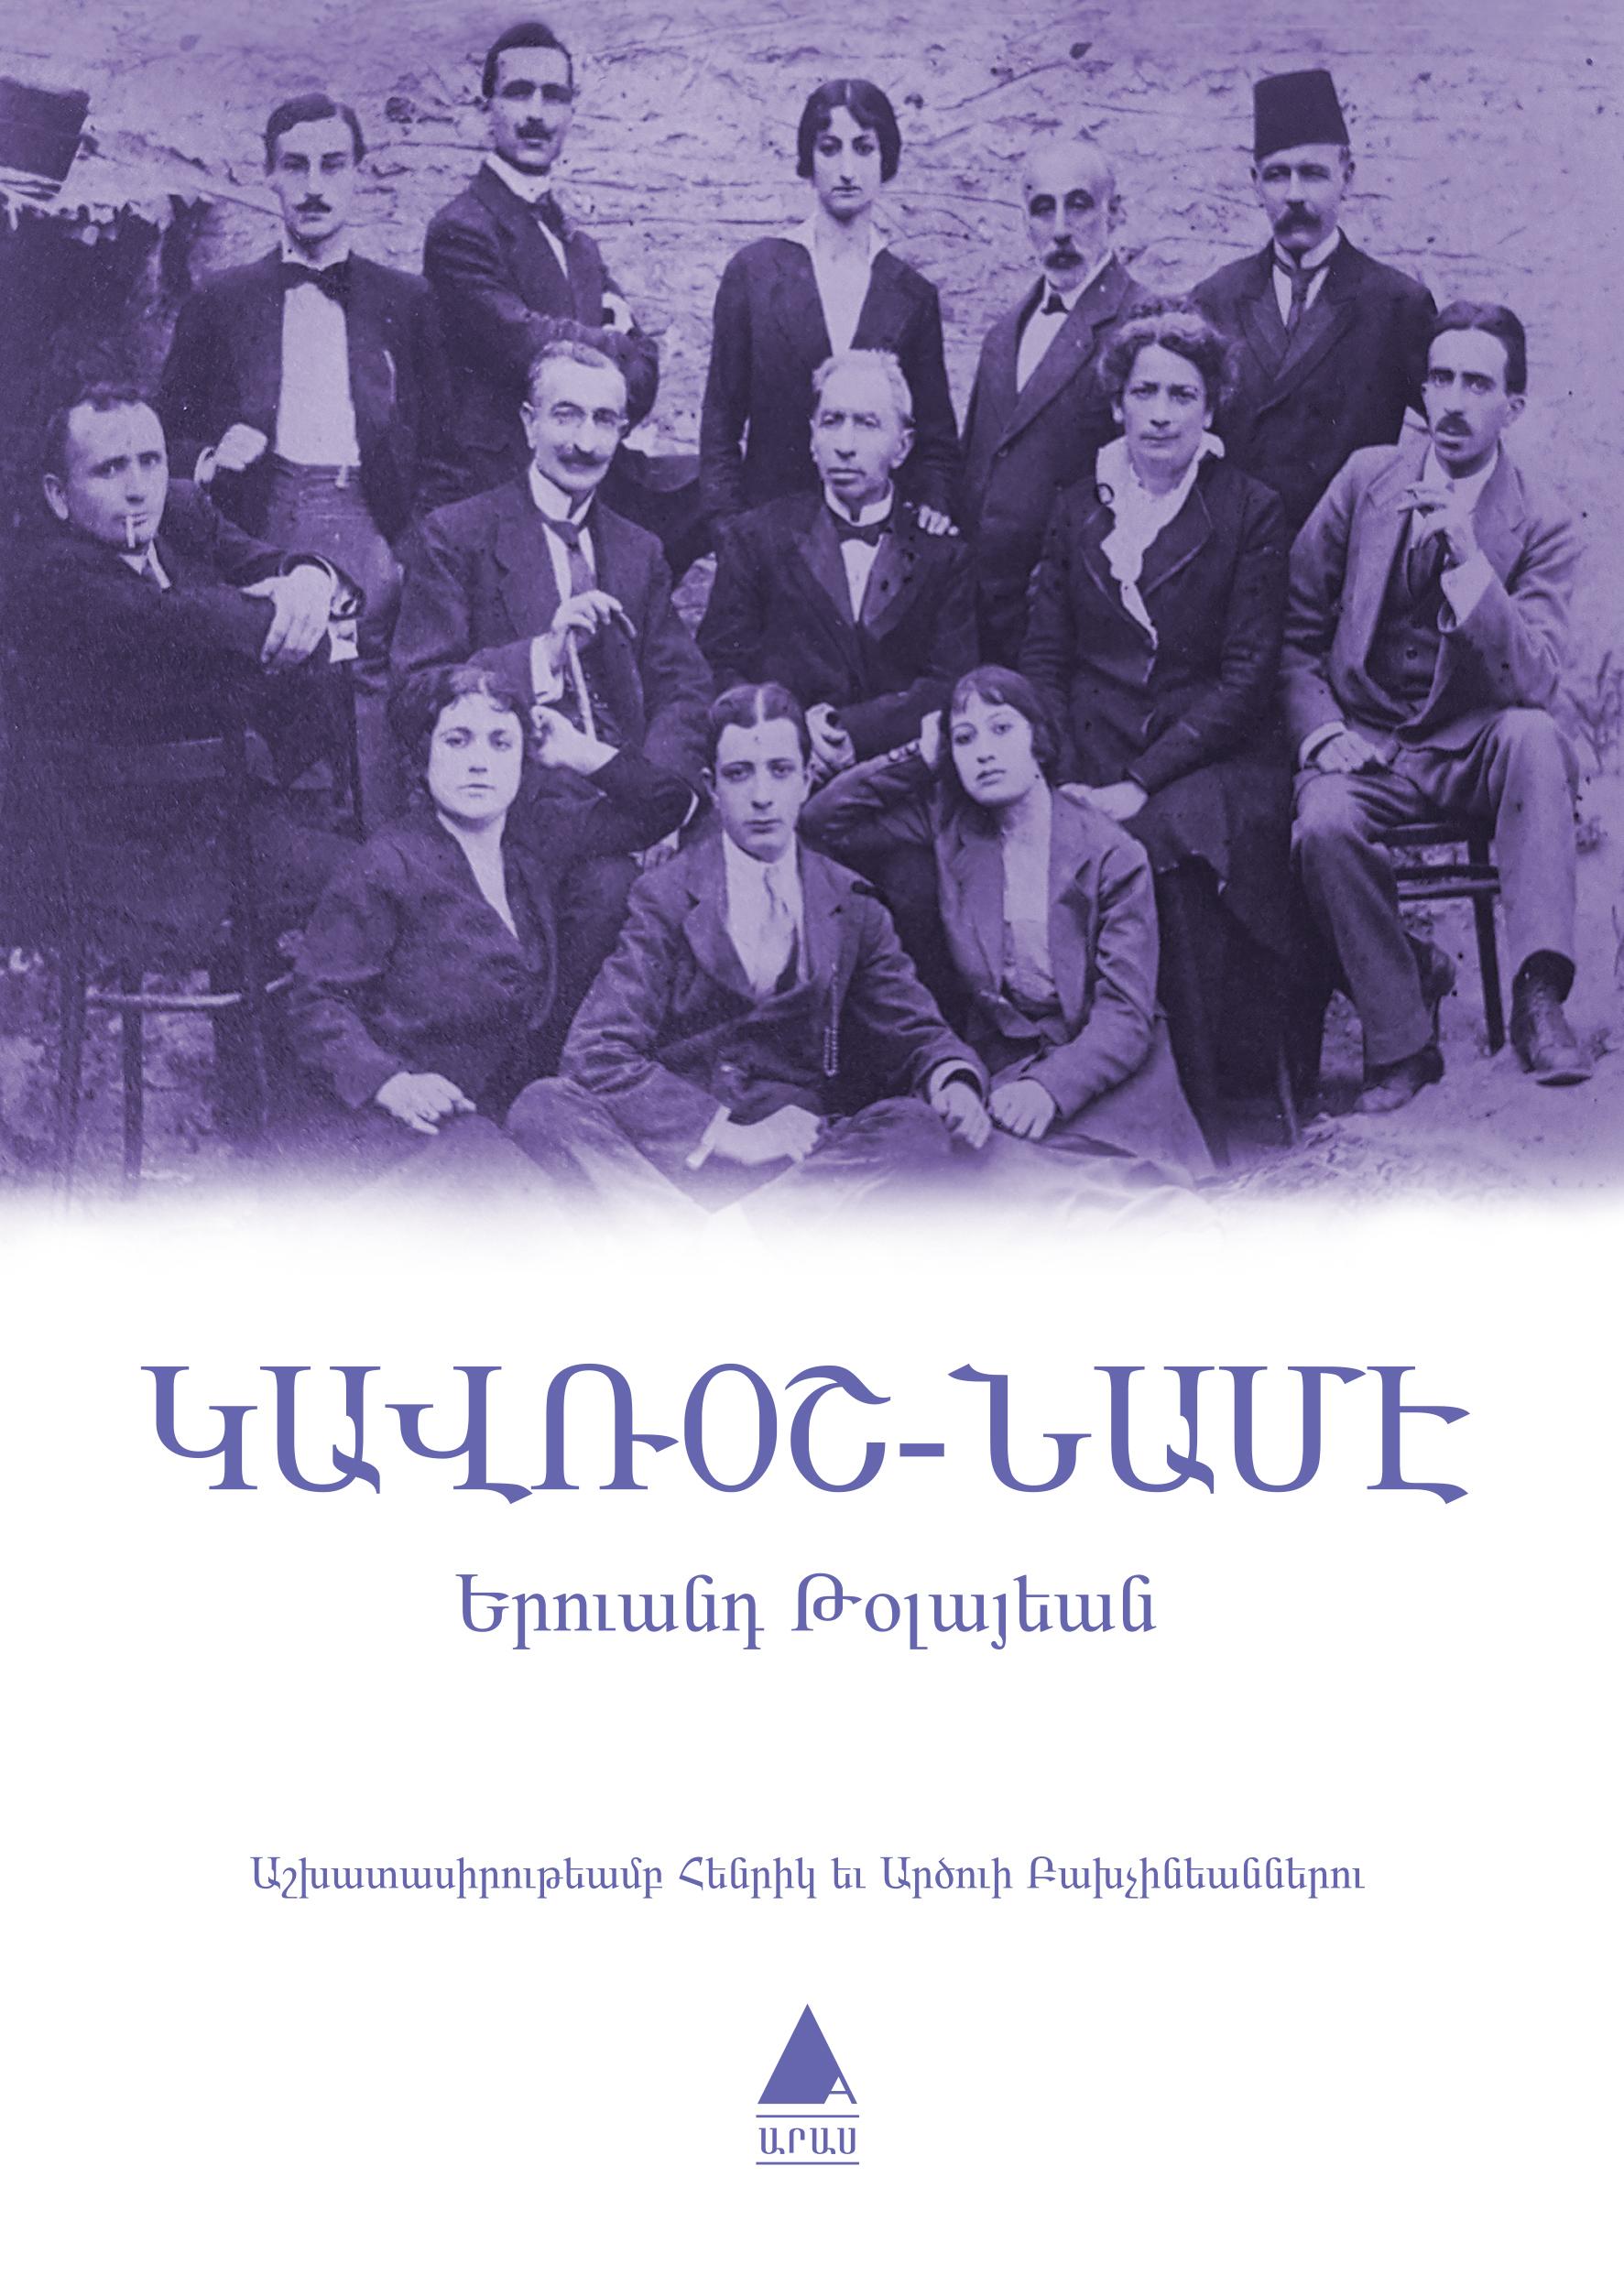 Կավռօշ-նամէ